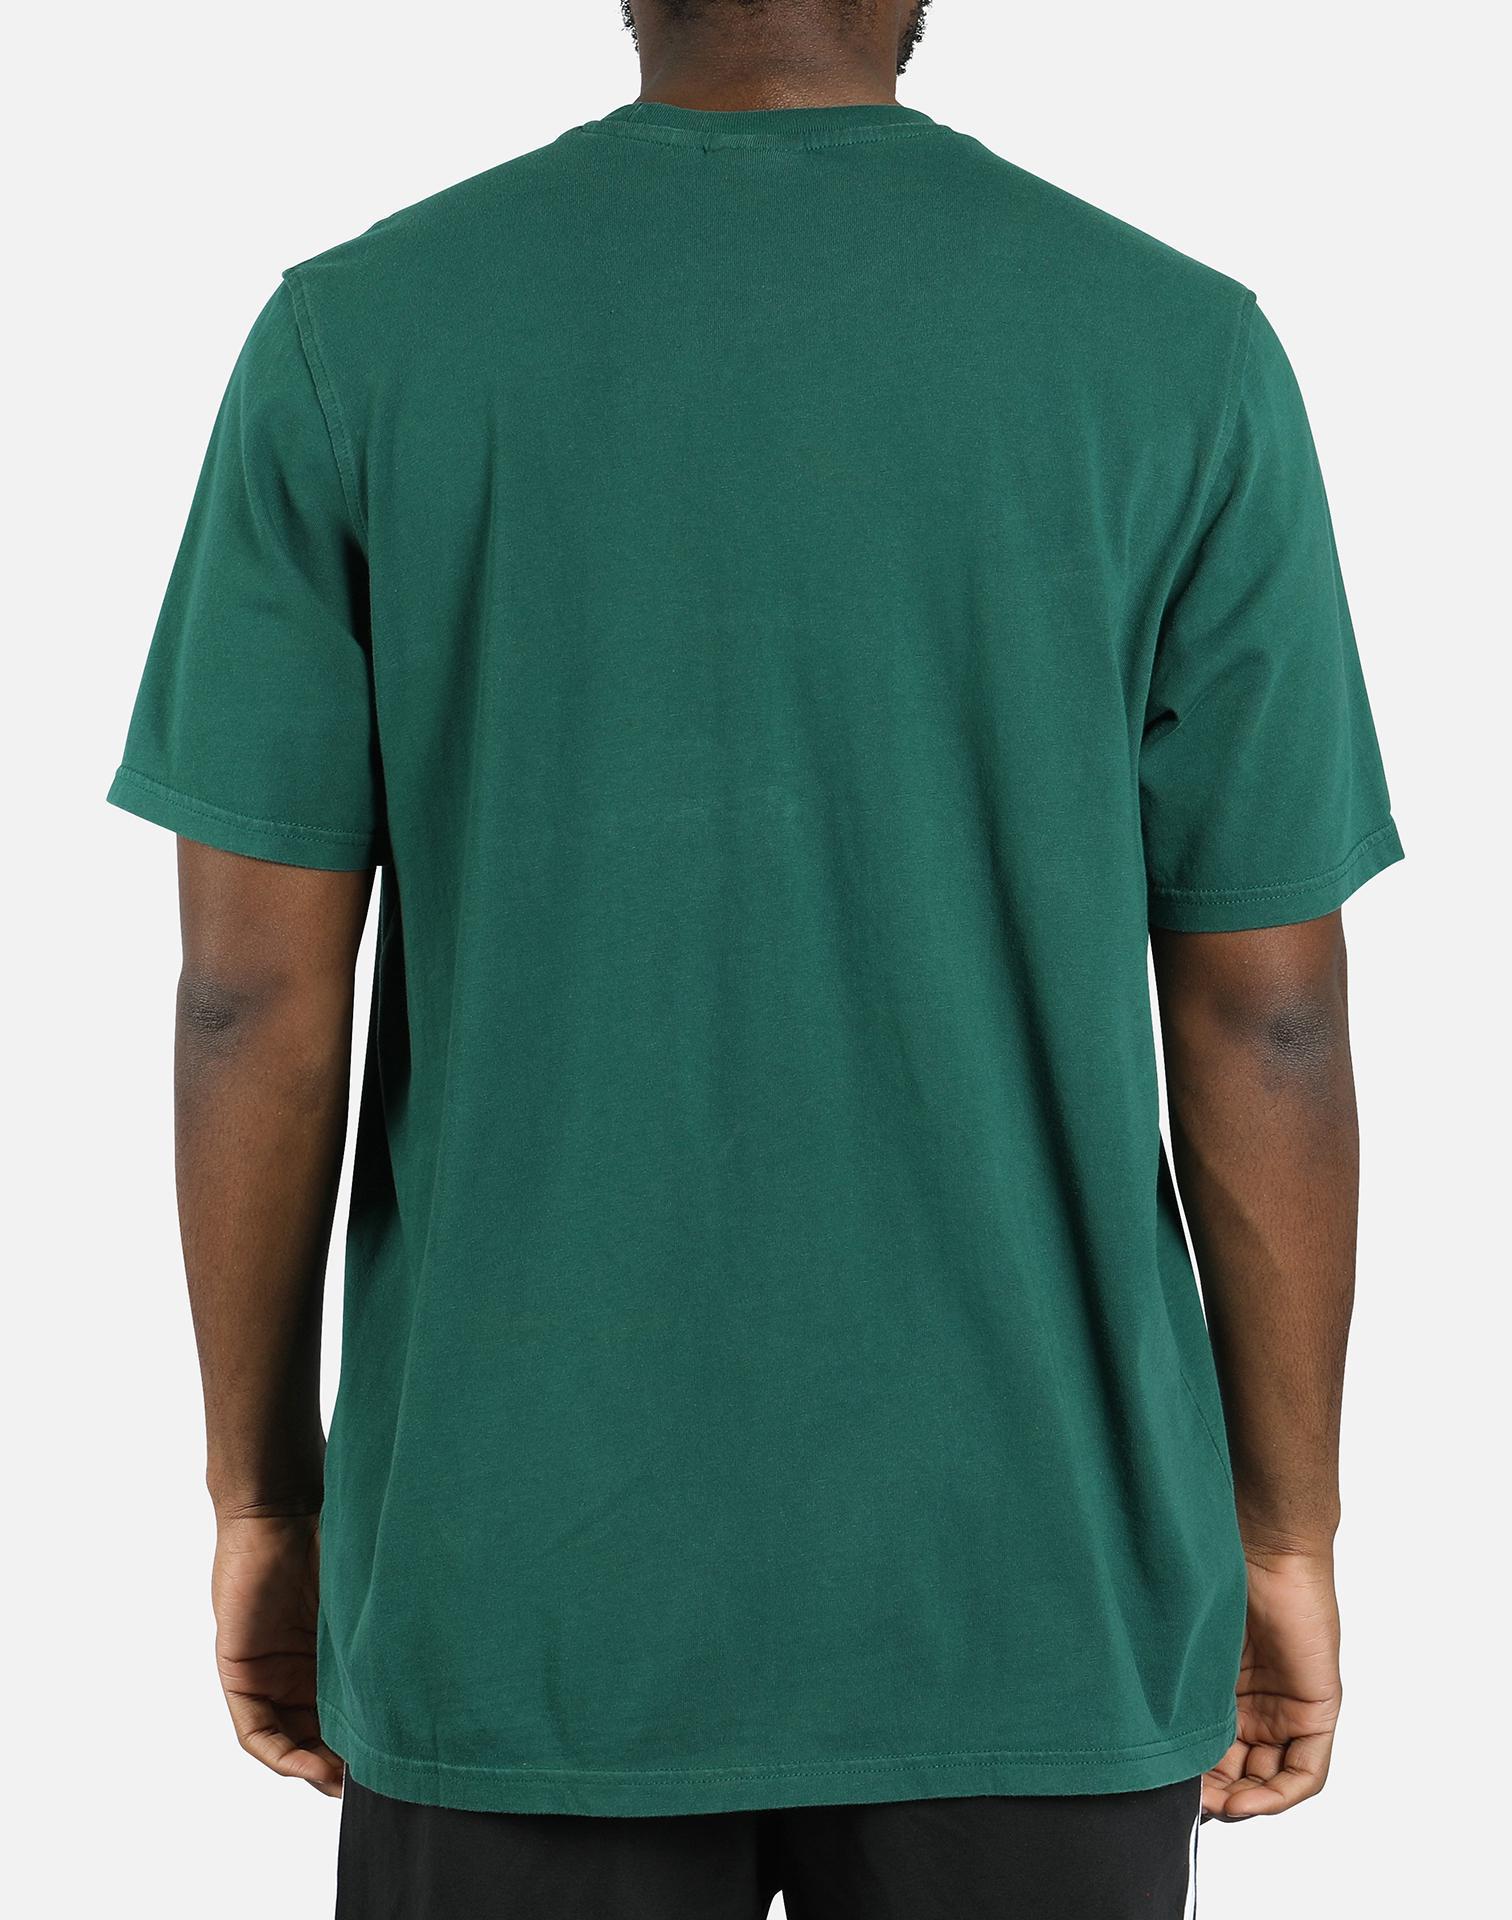 Lyst Adidas Trefoil Tee en Hombres 9027 en Verde en Tee para Hombres b15cbe